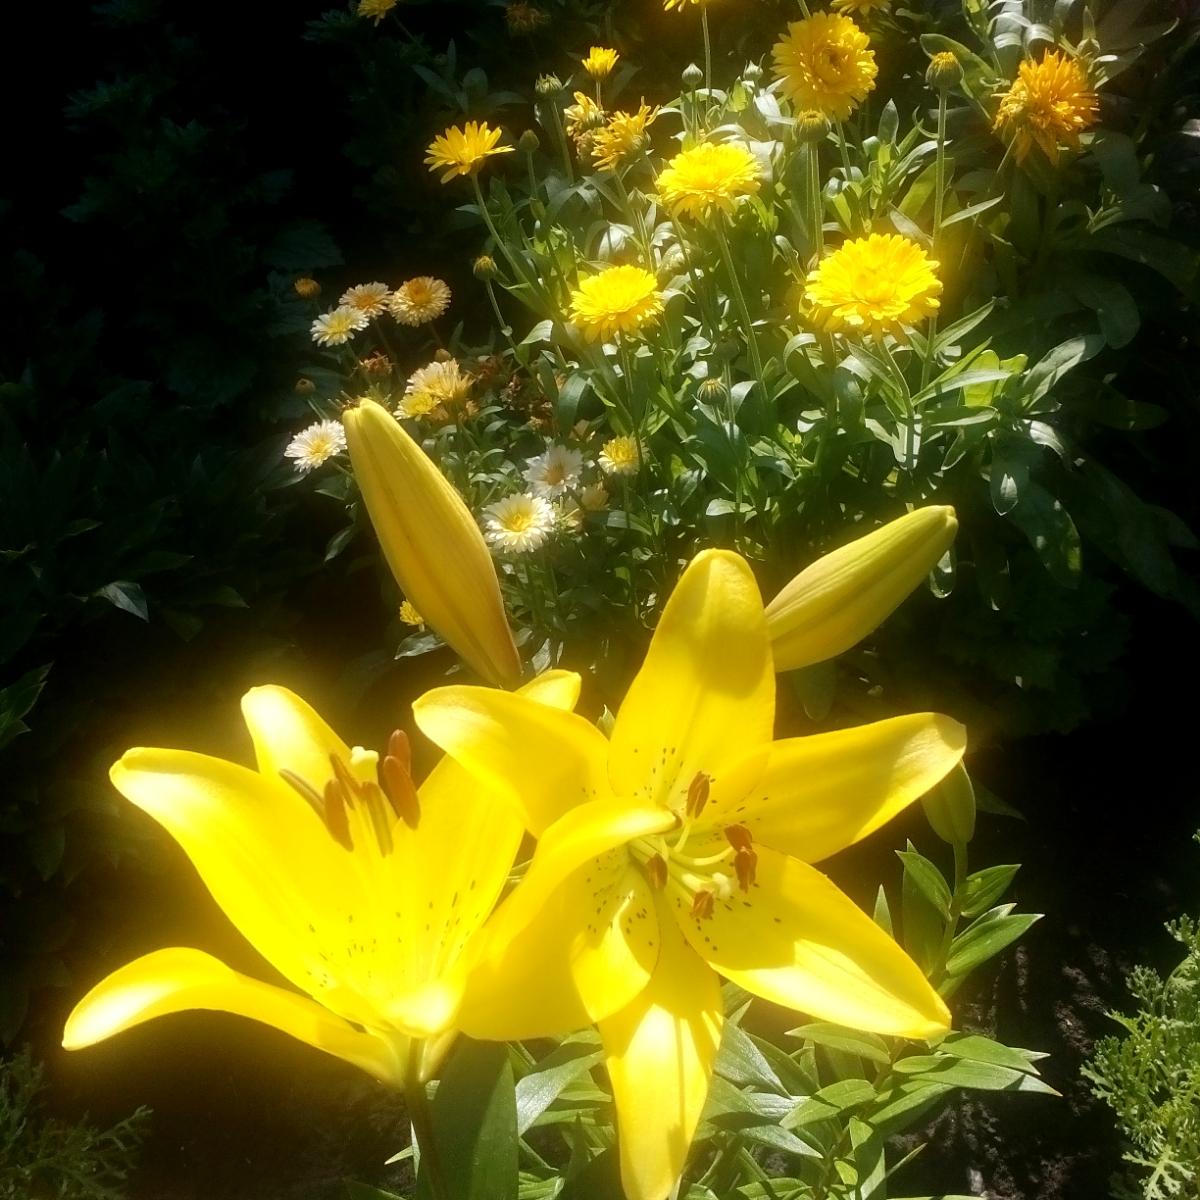 В добром соседстве лилии и календула. Блиц: желтые цветы